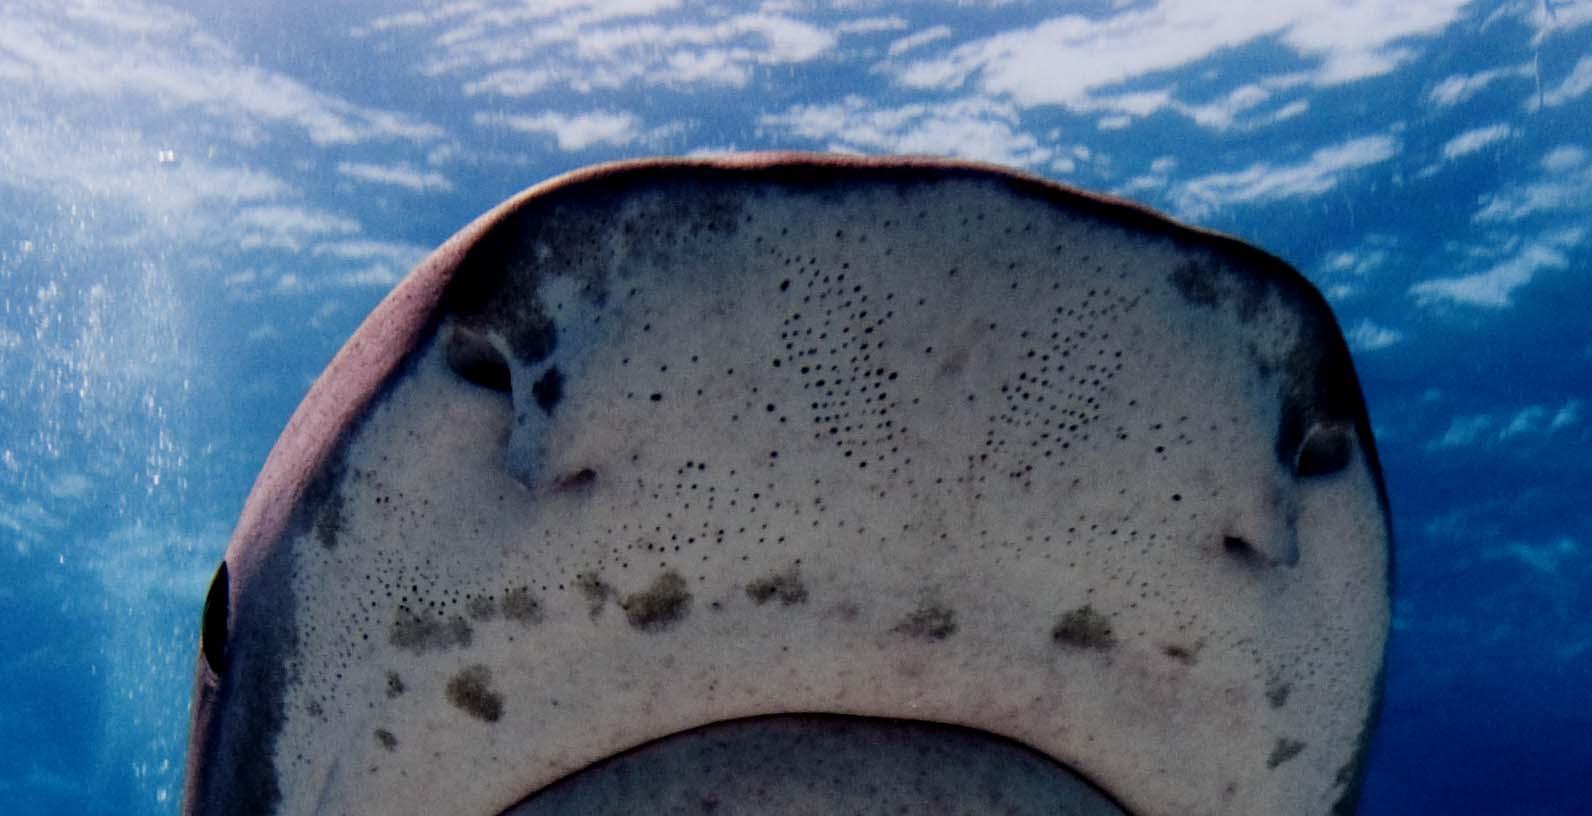 ampullae of lorenzini pores ampullae of lorenzini in snout of tiger shark